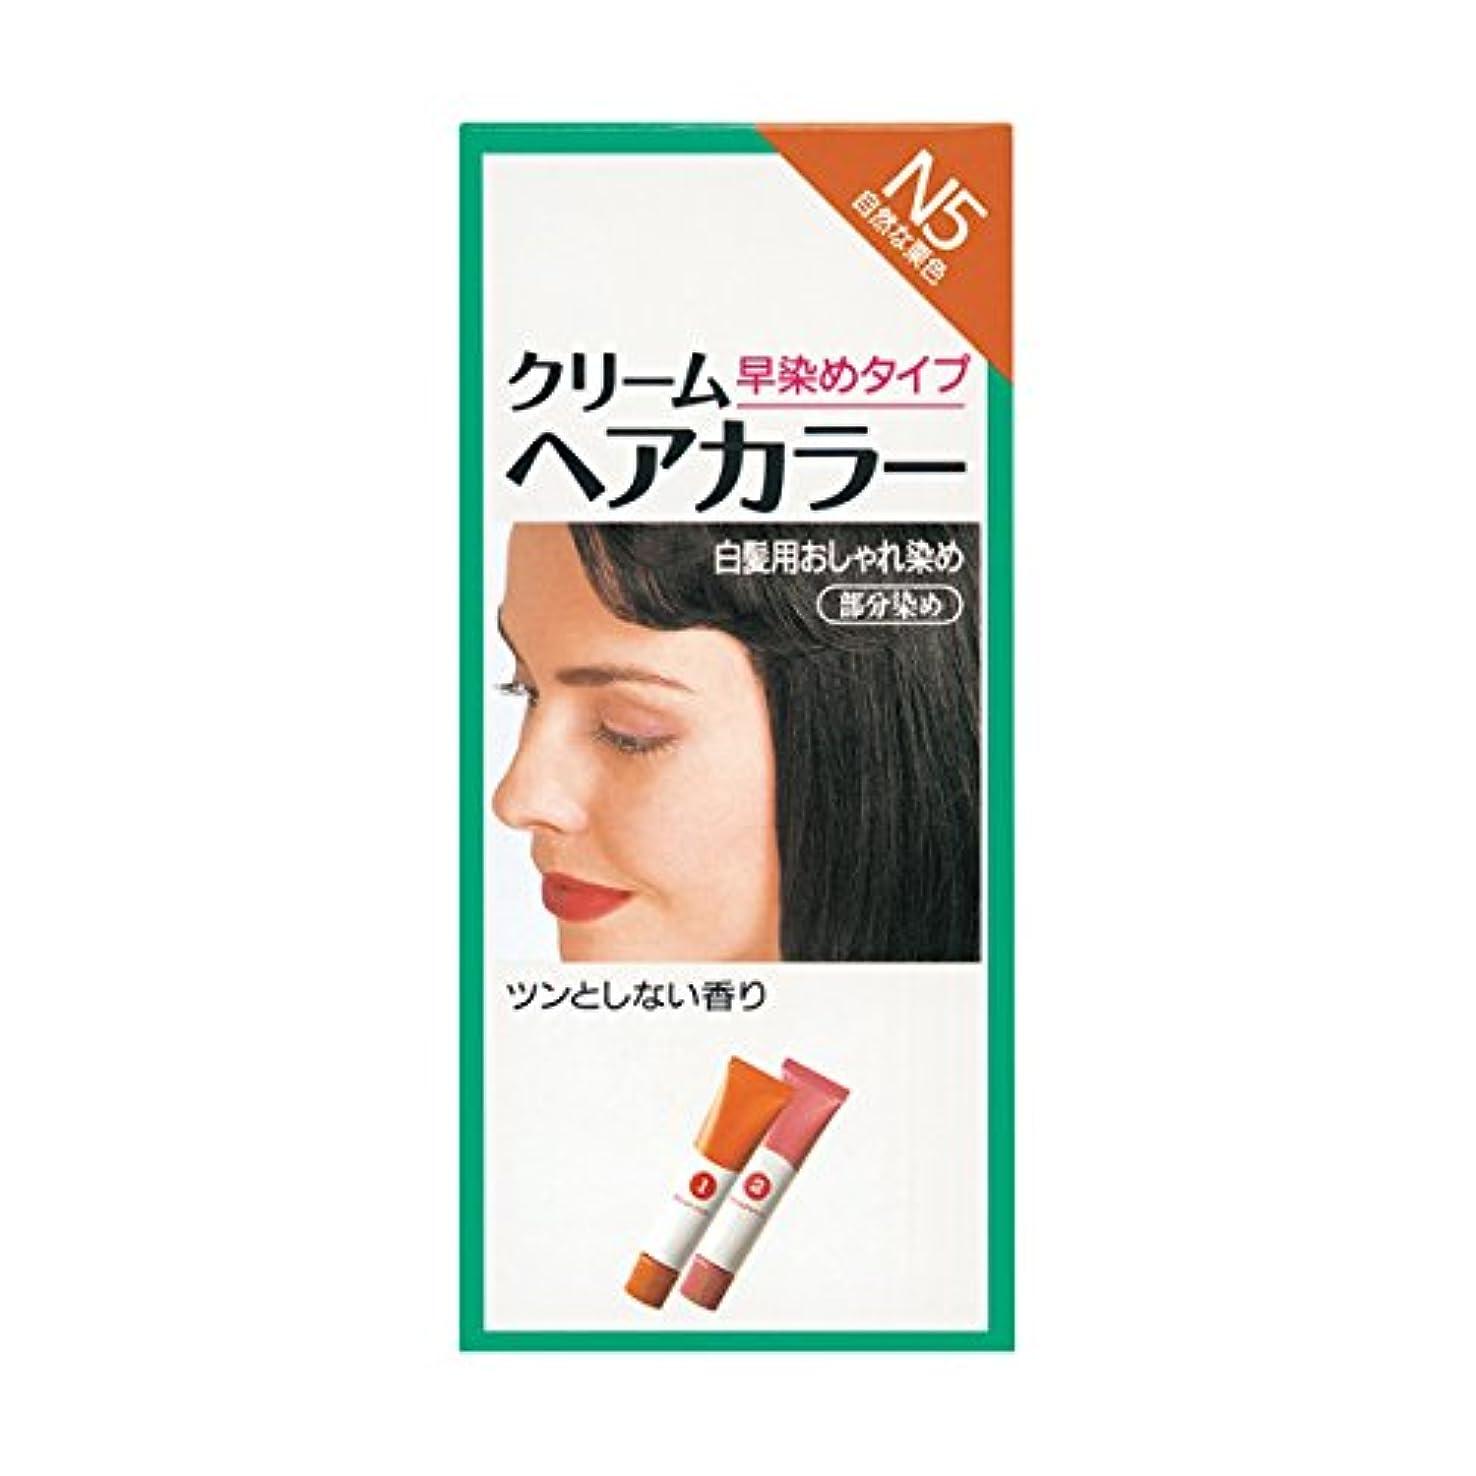 グリット教科書信者ヘアカラー クリームヘアカラーN N5 【医薬部外品】